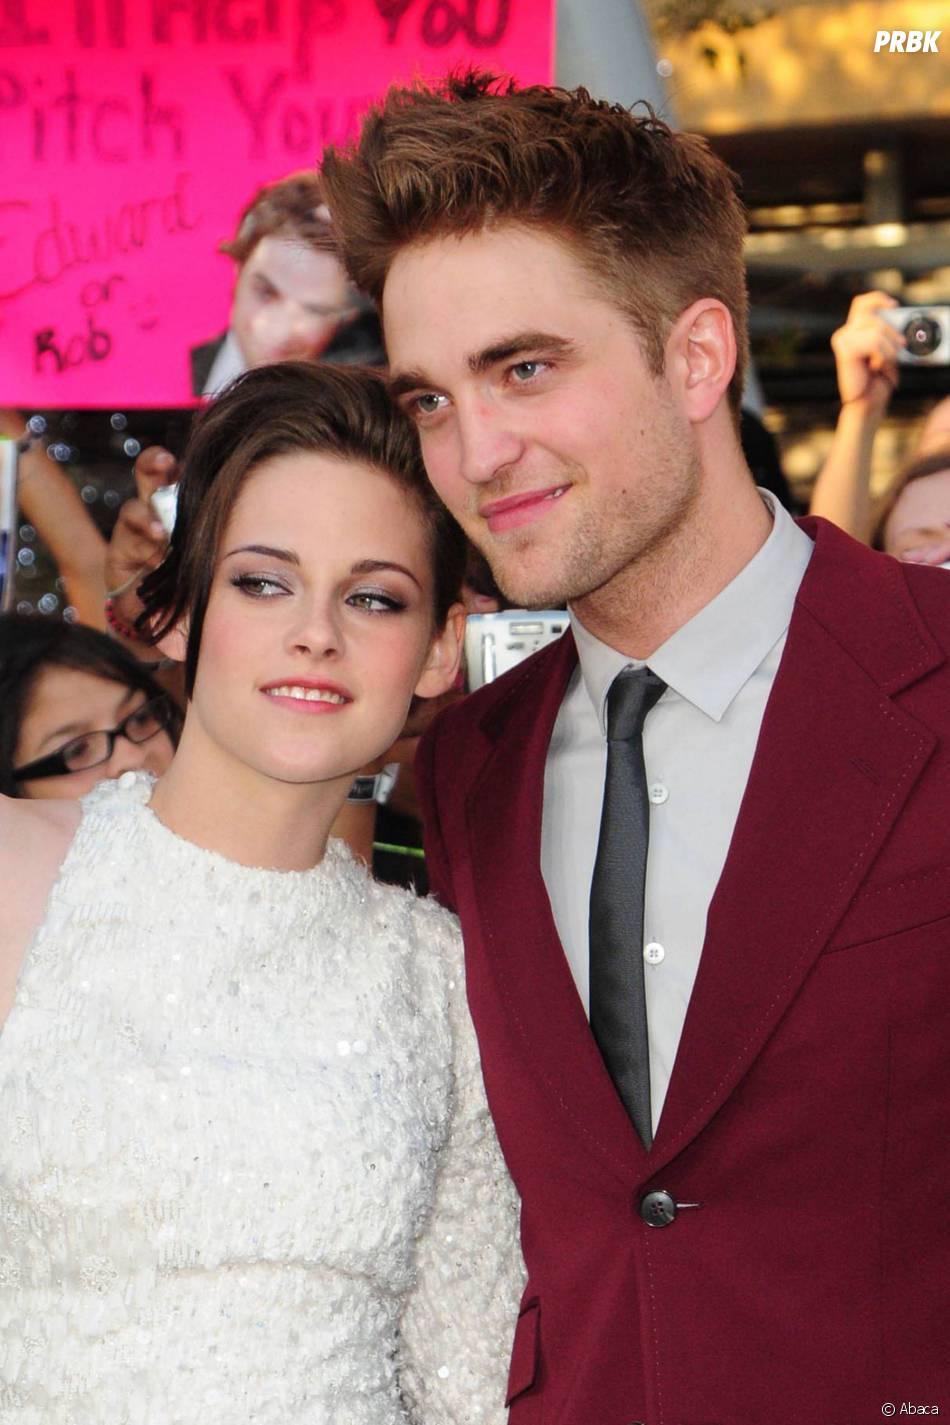 Robert Pattinson voulait jouer dans Fifty Shade Of Grey avec Kristen Stewart selon une rumeur bidon